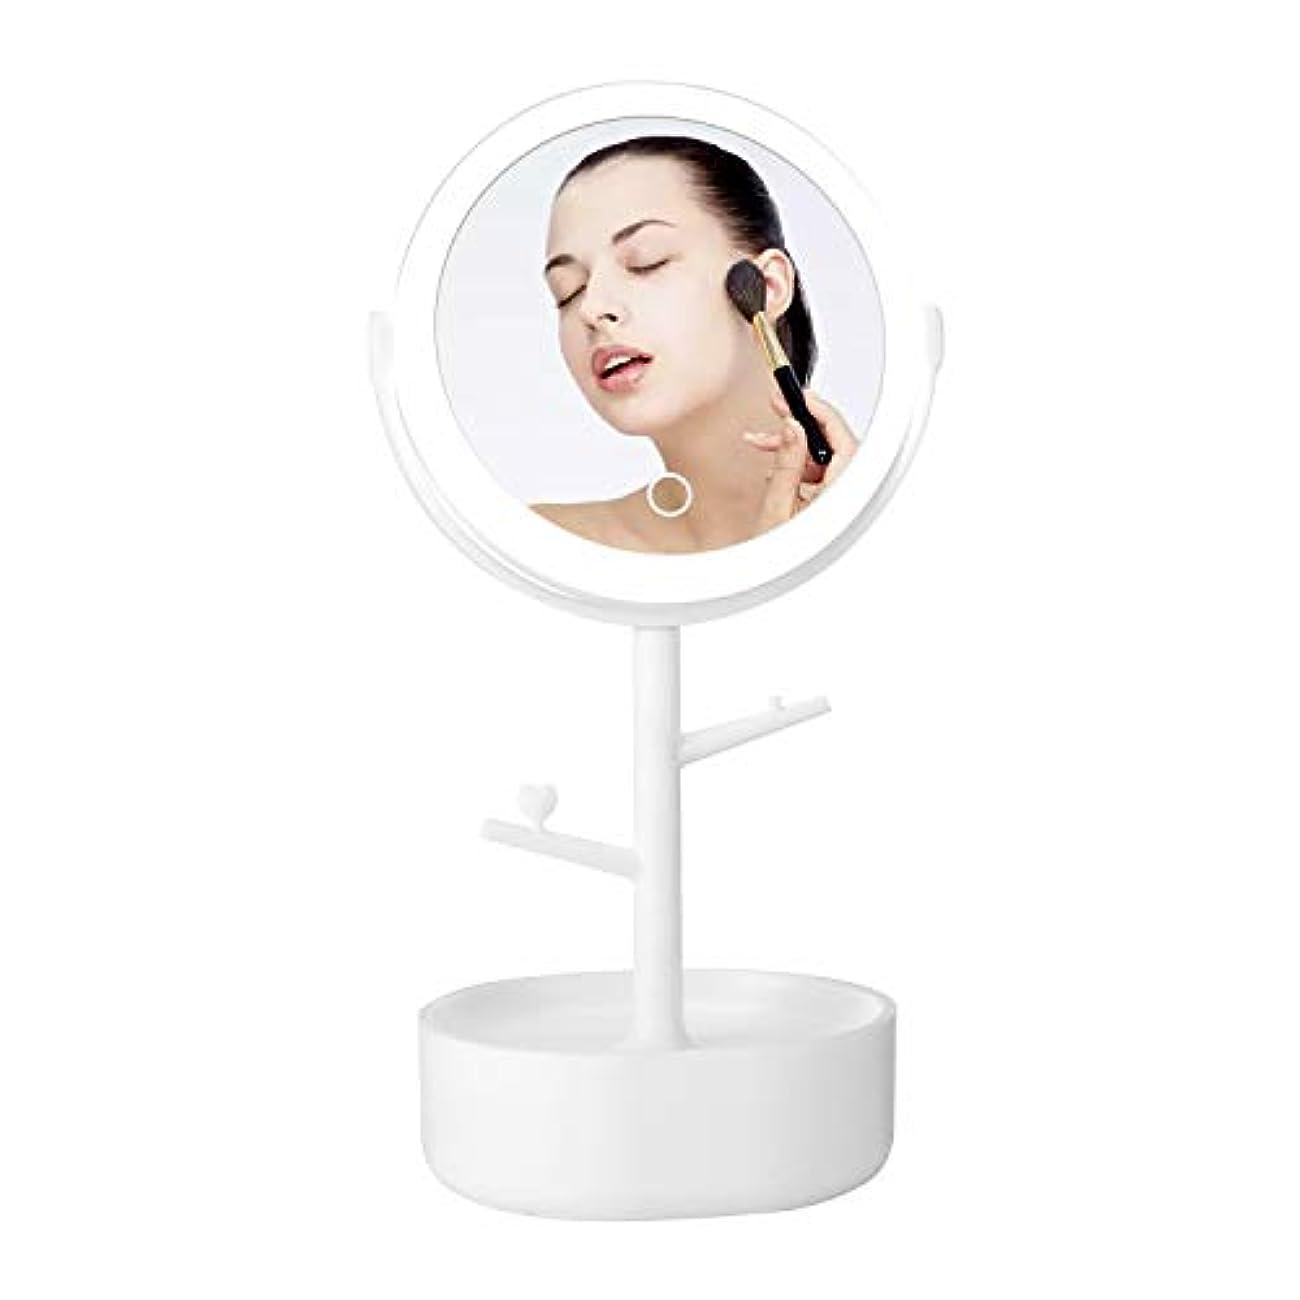 フクロウ拒絶ランタンLED化粧鏡 卓上ミラー 鏡 卓上鏡 収納ボックス付き 360度回転 充電式 サードギア明るさ調節可 USB給電(白)